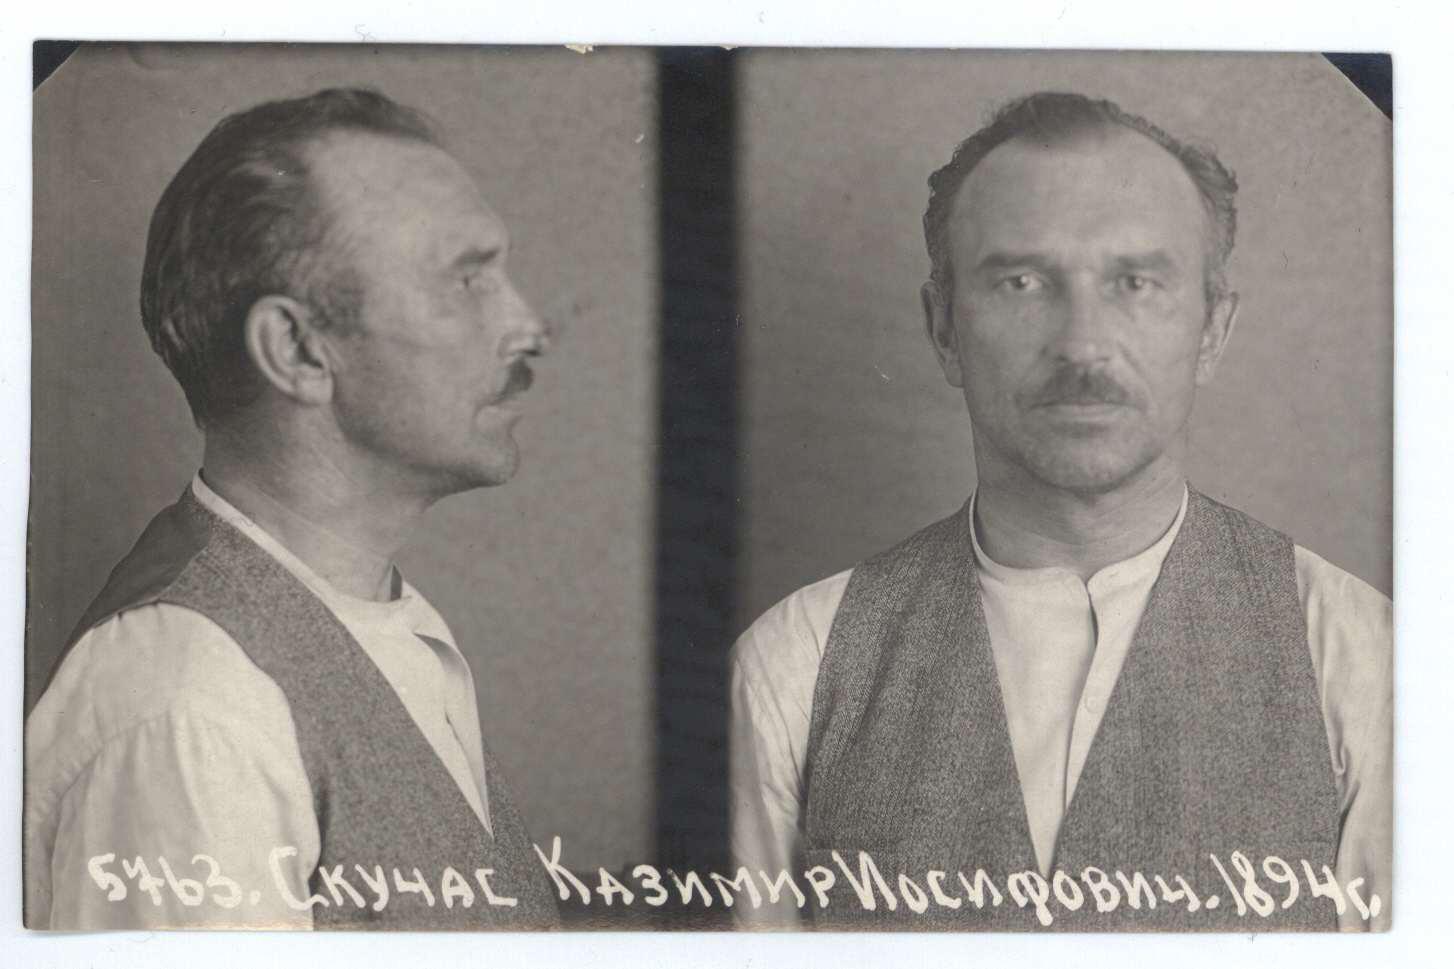 Kazimieras Skučas Liubiankos kalėjime Maskvoje. 1940 m. | Lietuvos ypatingojo archyvo nuotr.